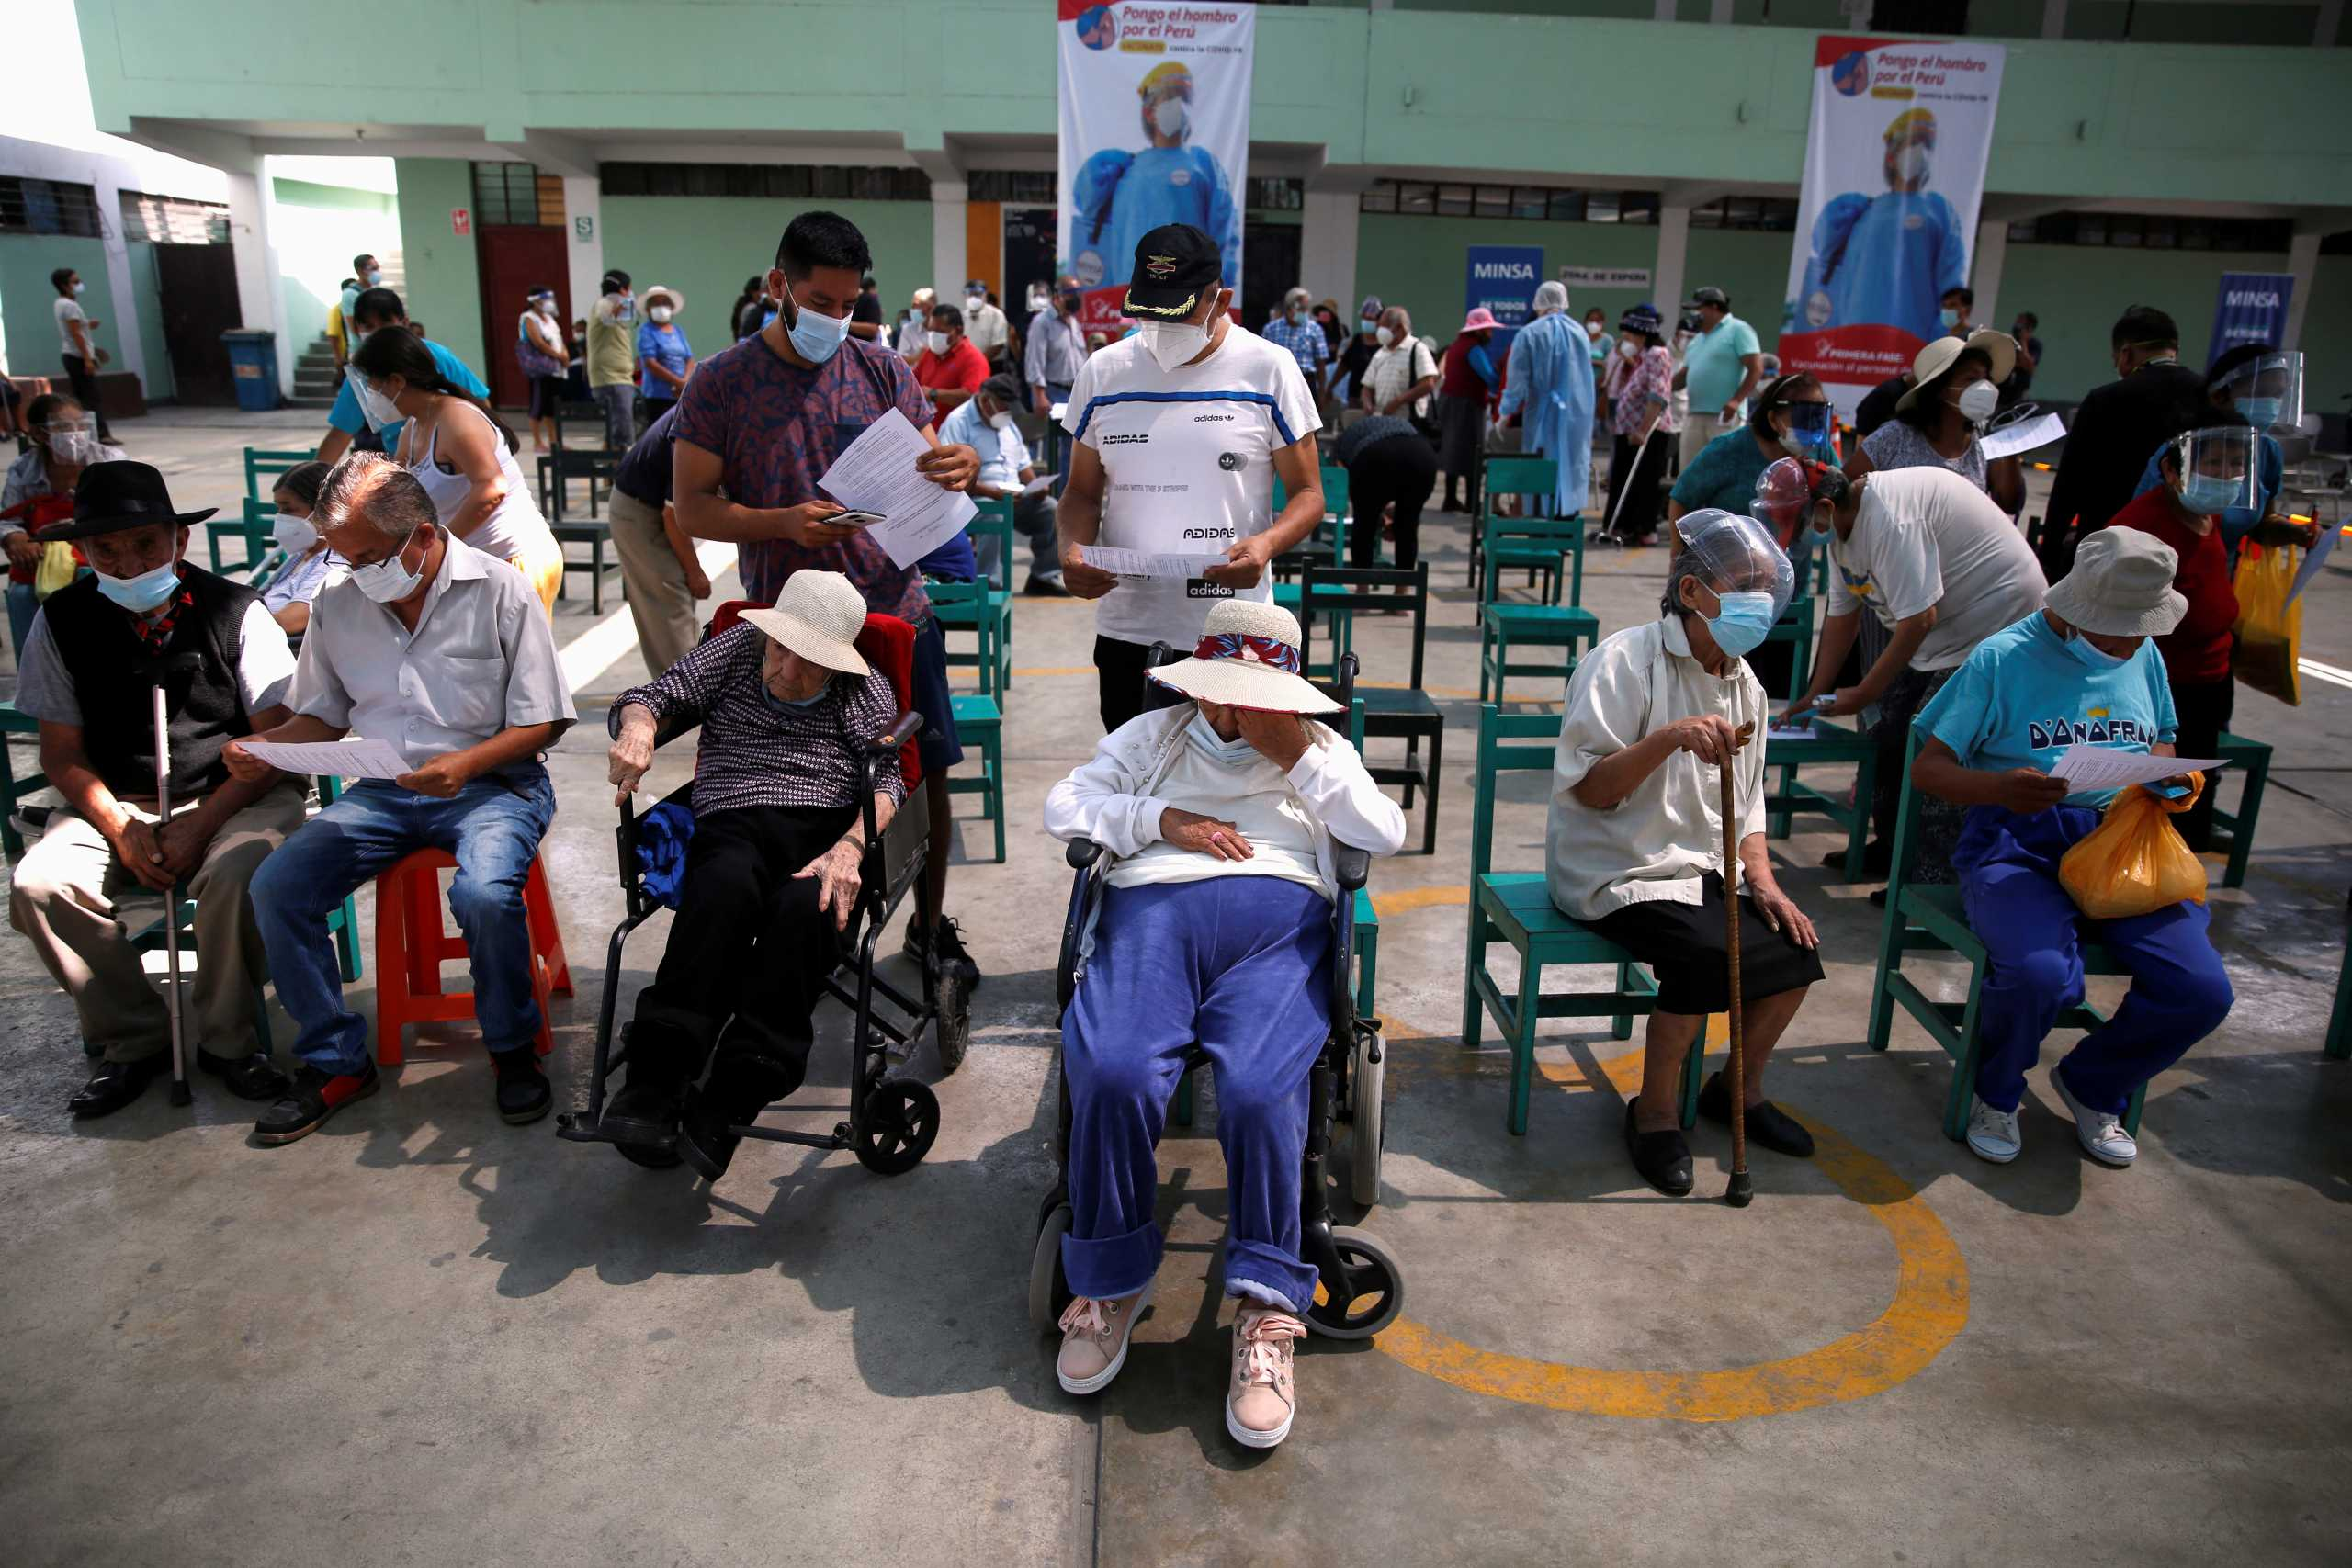 Σαρώνει ο κορονοϊός και στο Περού: 13.326 κρούσματα και 337 θάνατοι